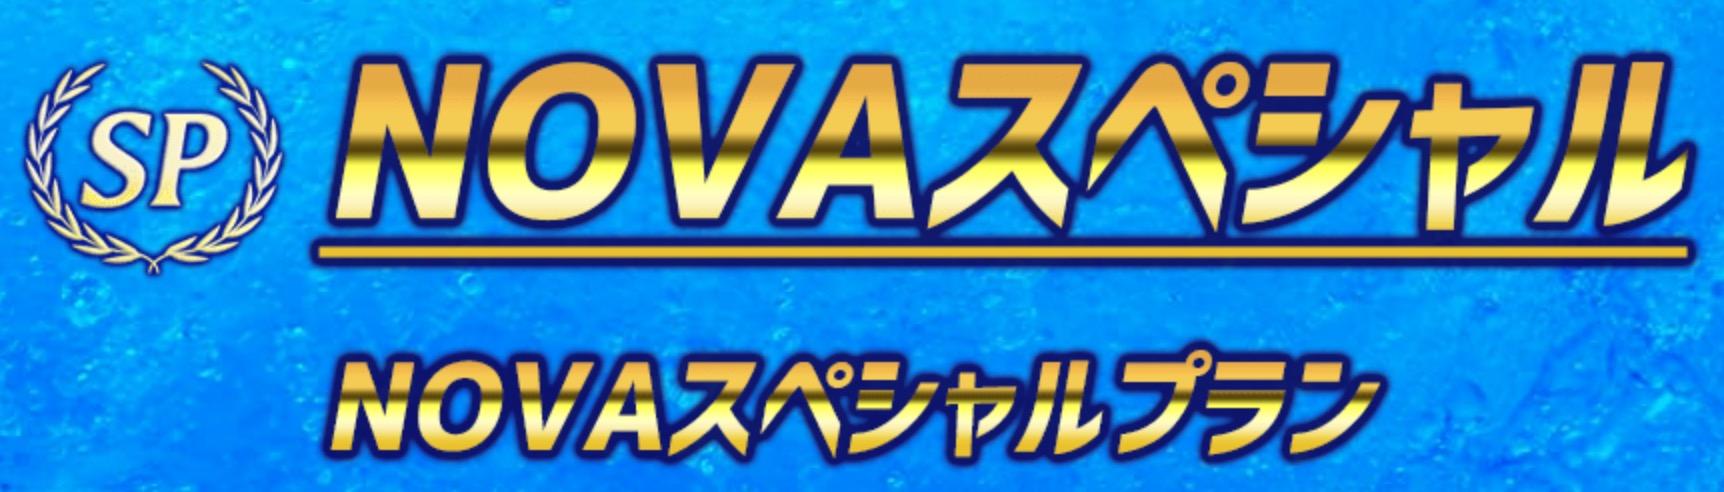 競艇予想NOVA(ノヴァ)34